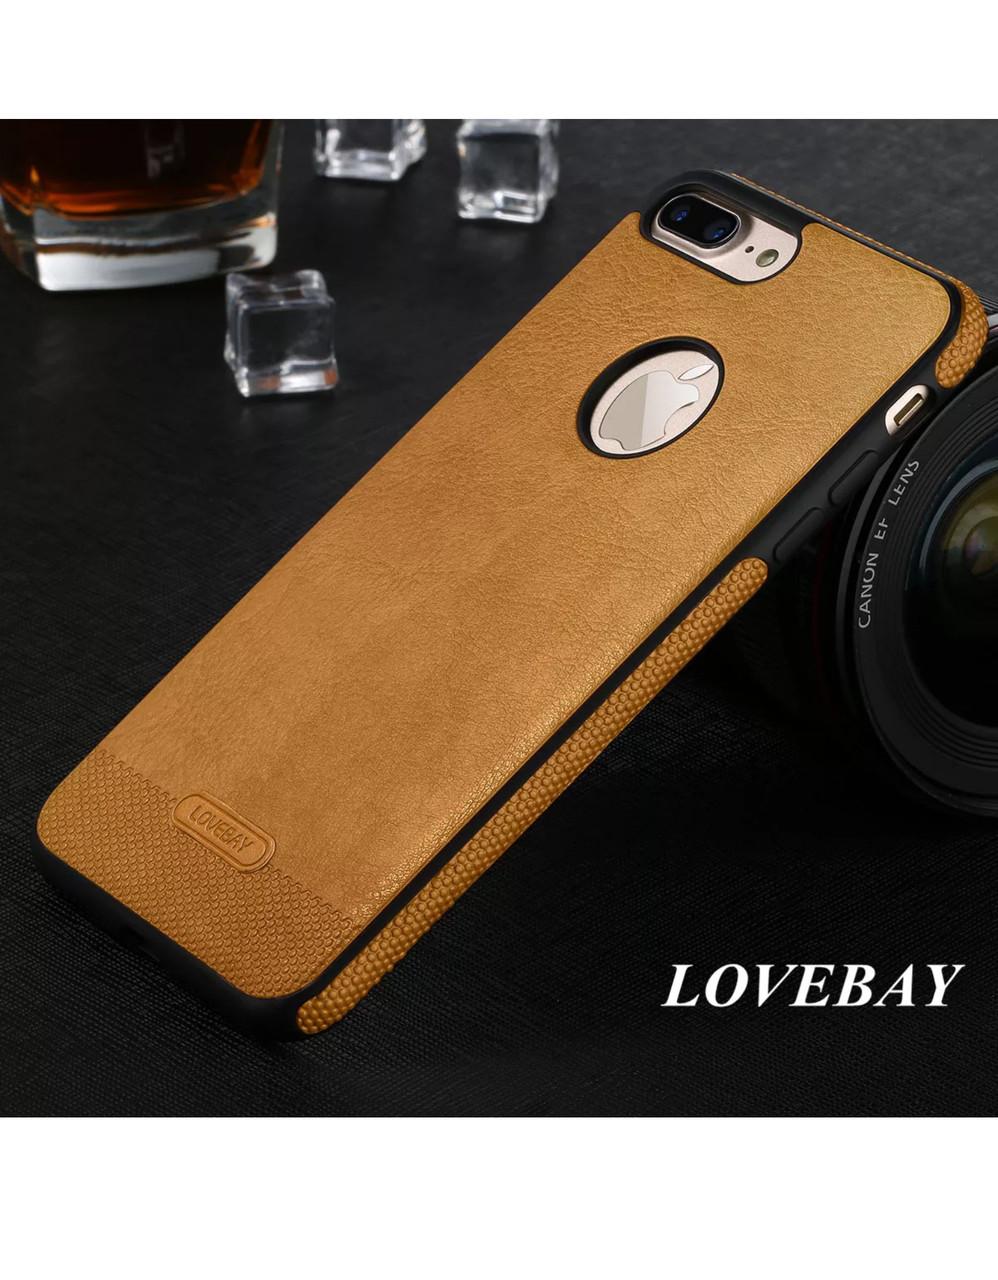 Защитный чехол для смартфона Apple iPhone «Lovebay Brown »7/7+